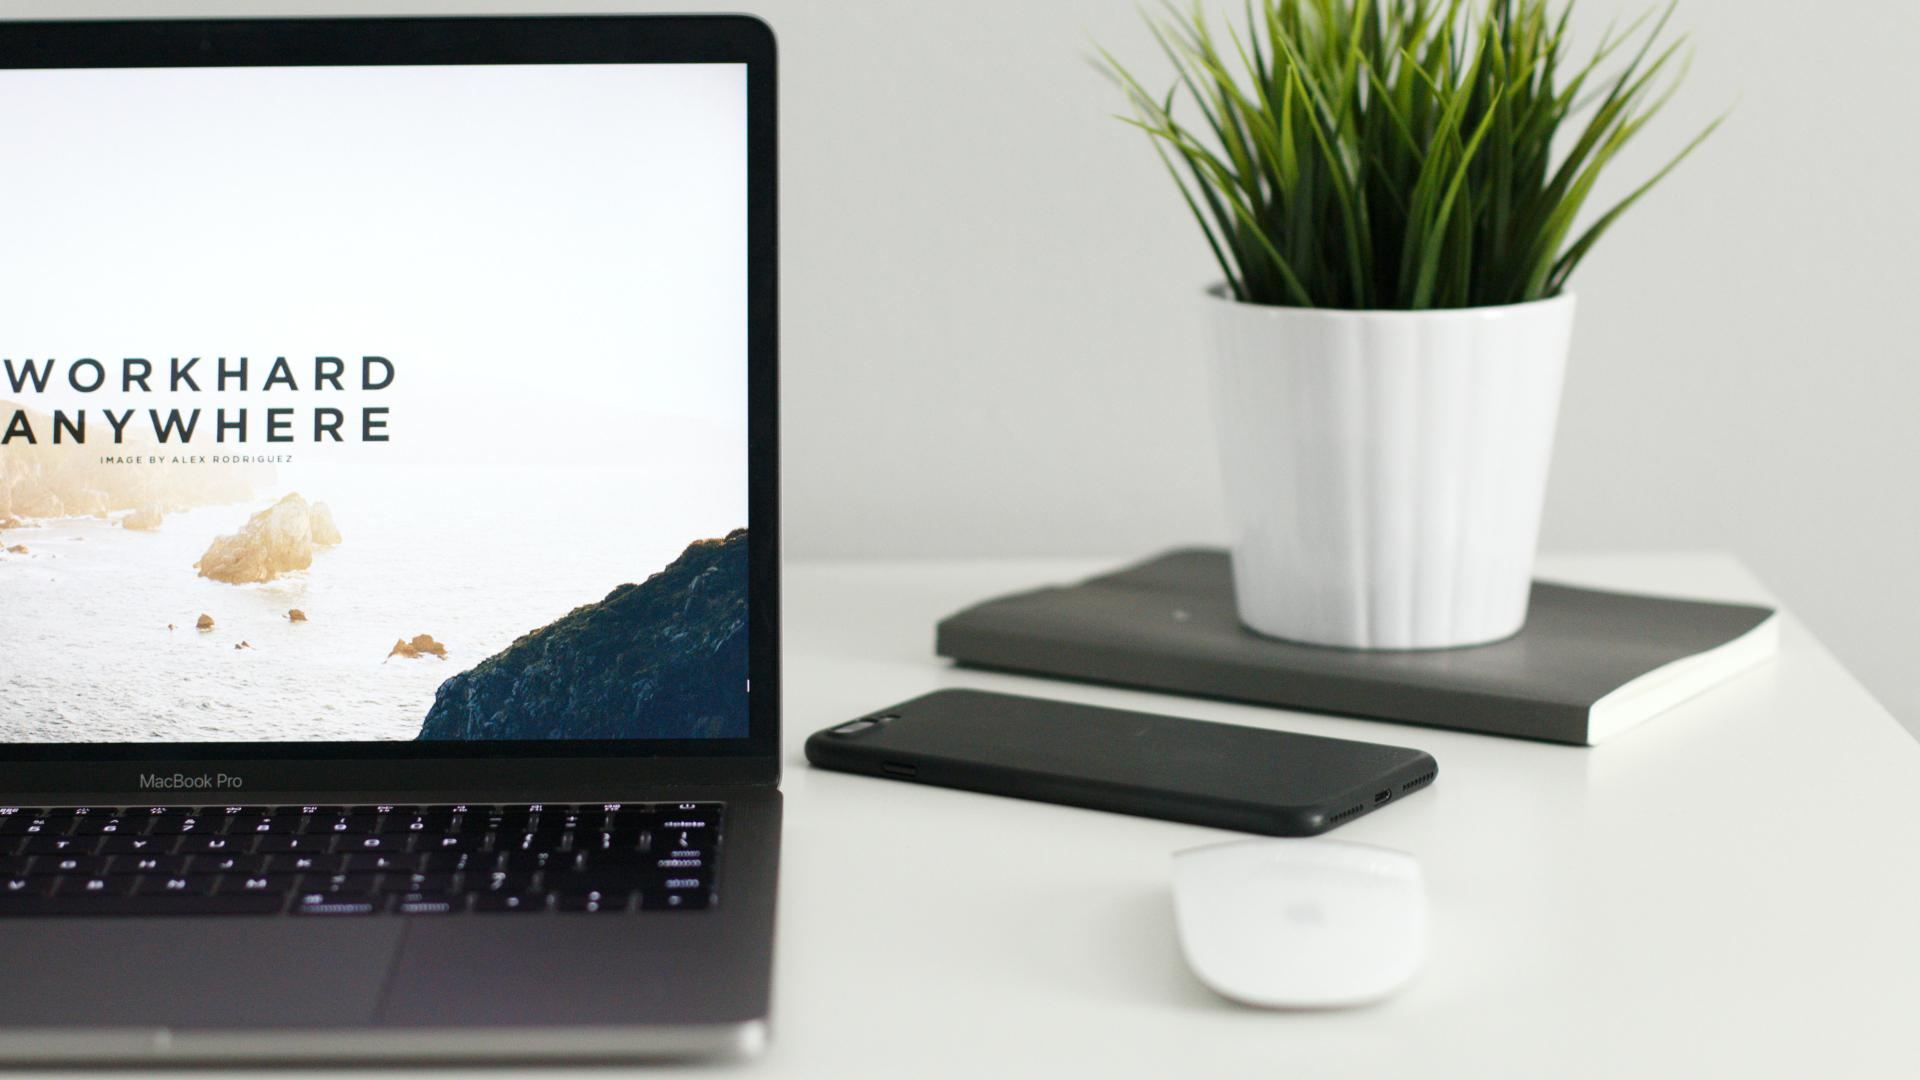 Tworzenie stron internetowych oraz aplikacji webowych